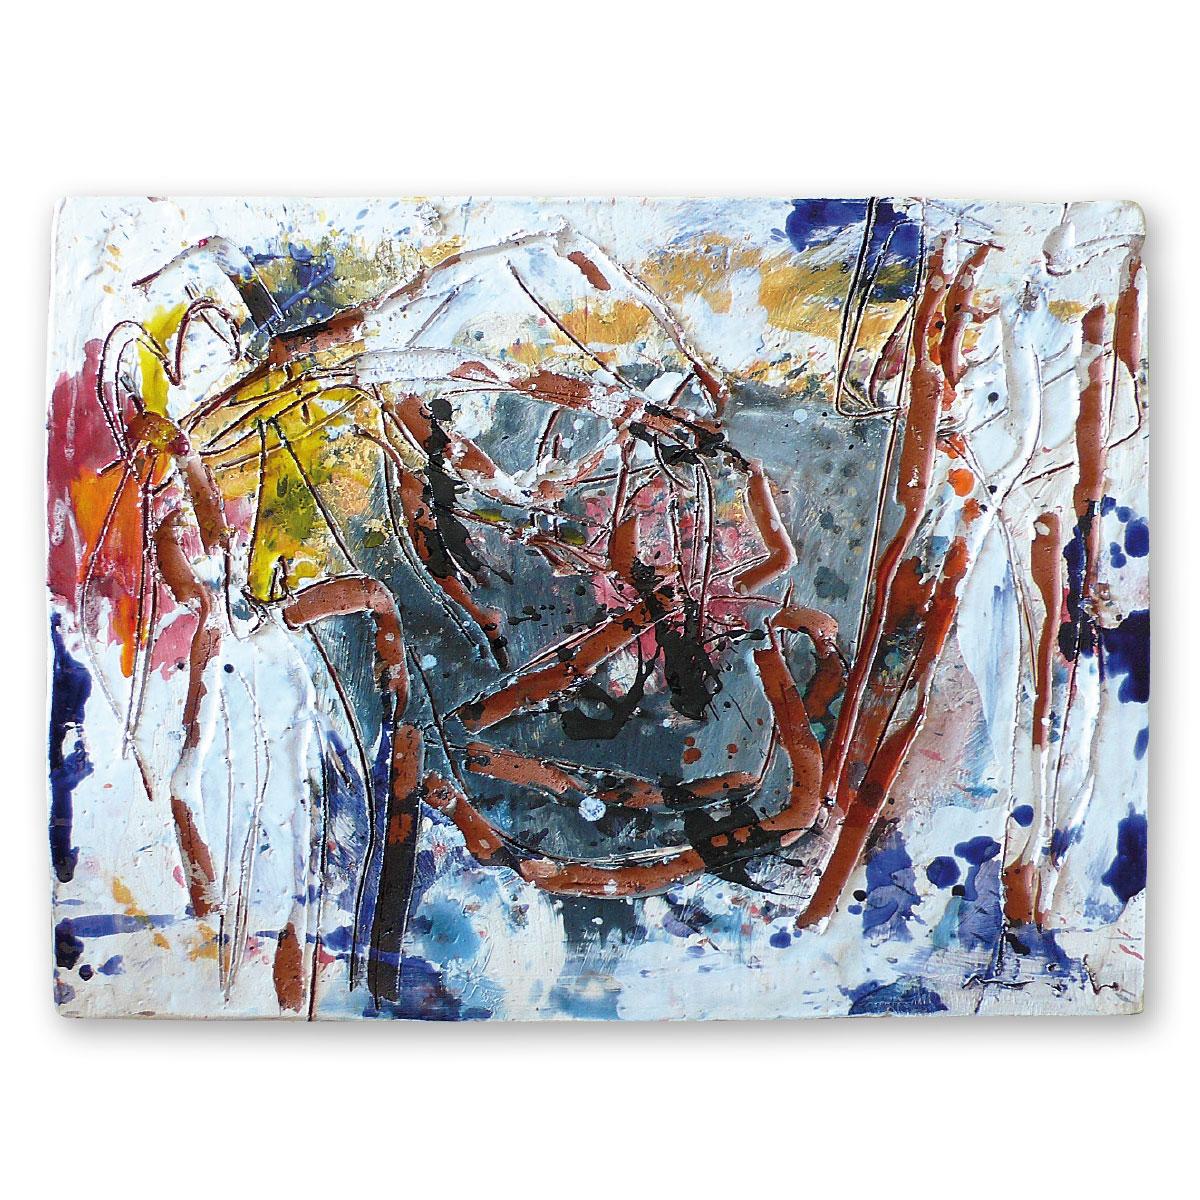 L'opera dell'artista Giorgio Moiso acquisita dal Museo a cielo aperto di Denice, dedicato alla ceramica contemporanea